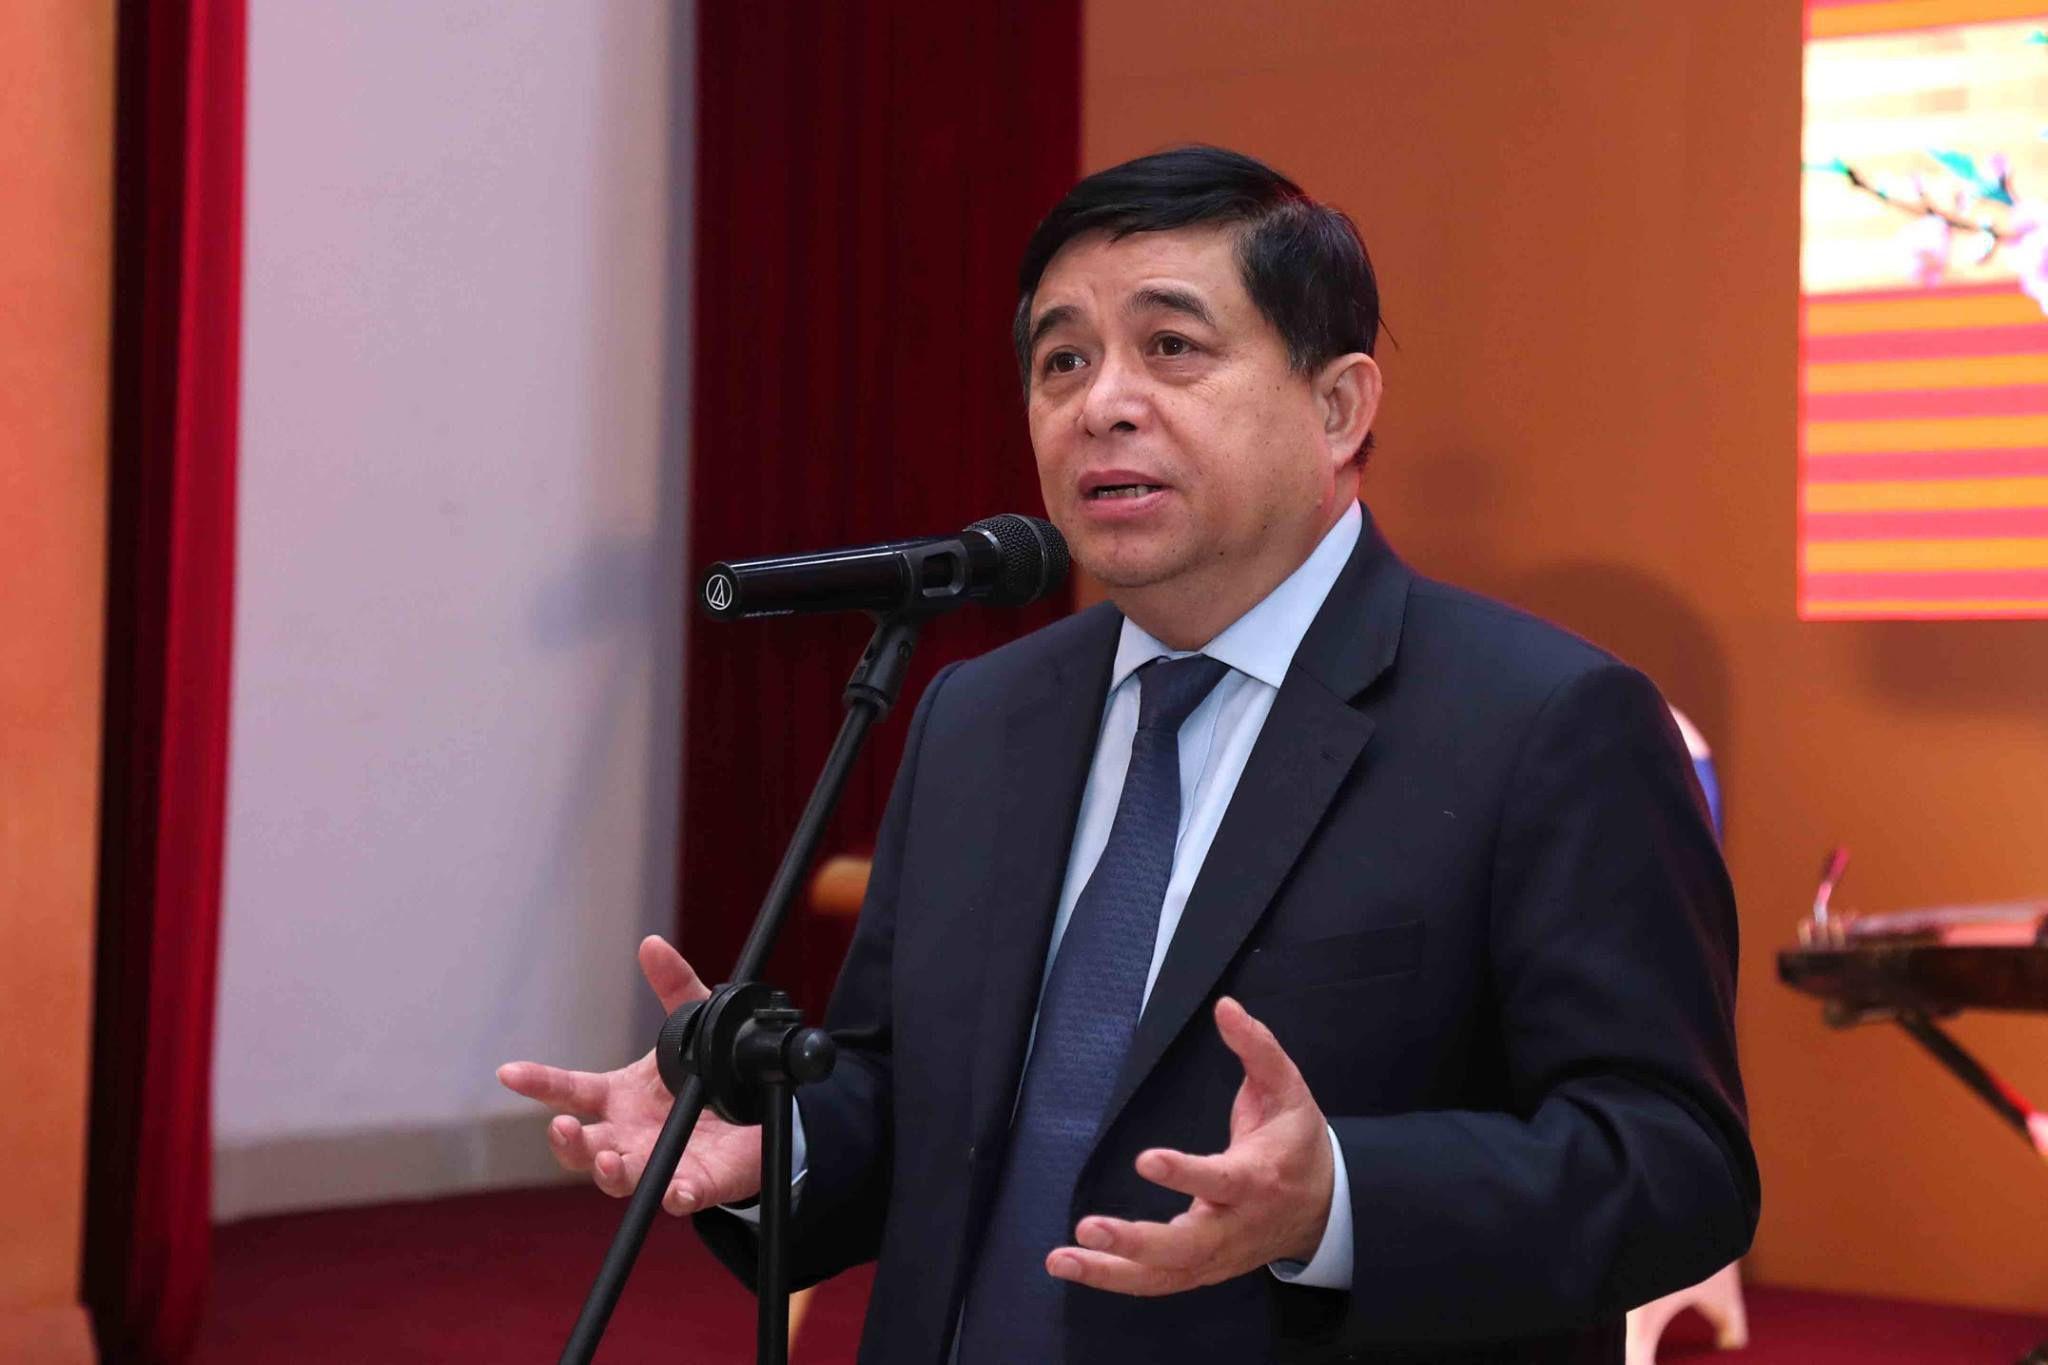 Bộ trưởng Nguyễn Chí Dũng: Thế giới không đợi chúng ta đi cùng, đi theo